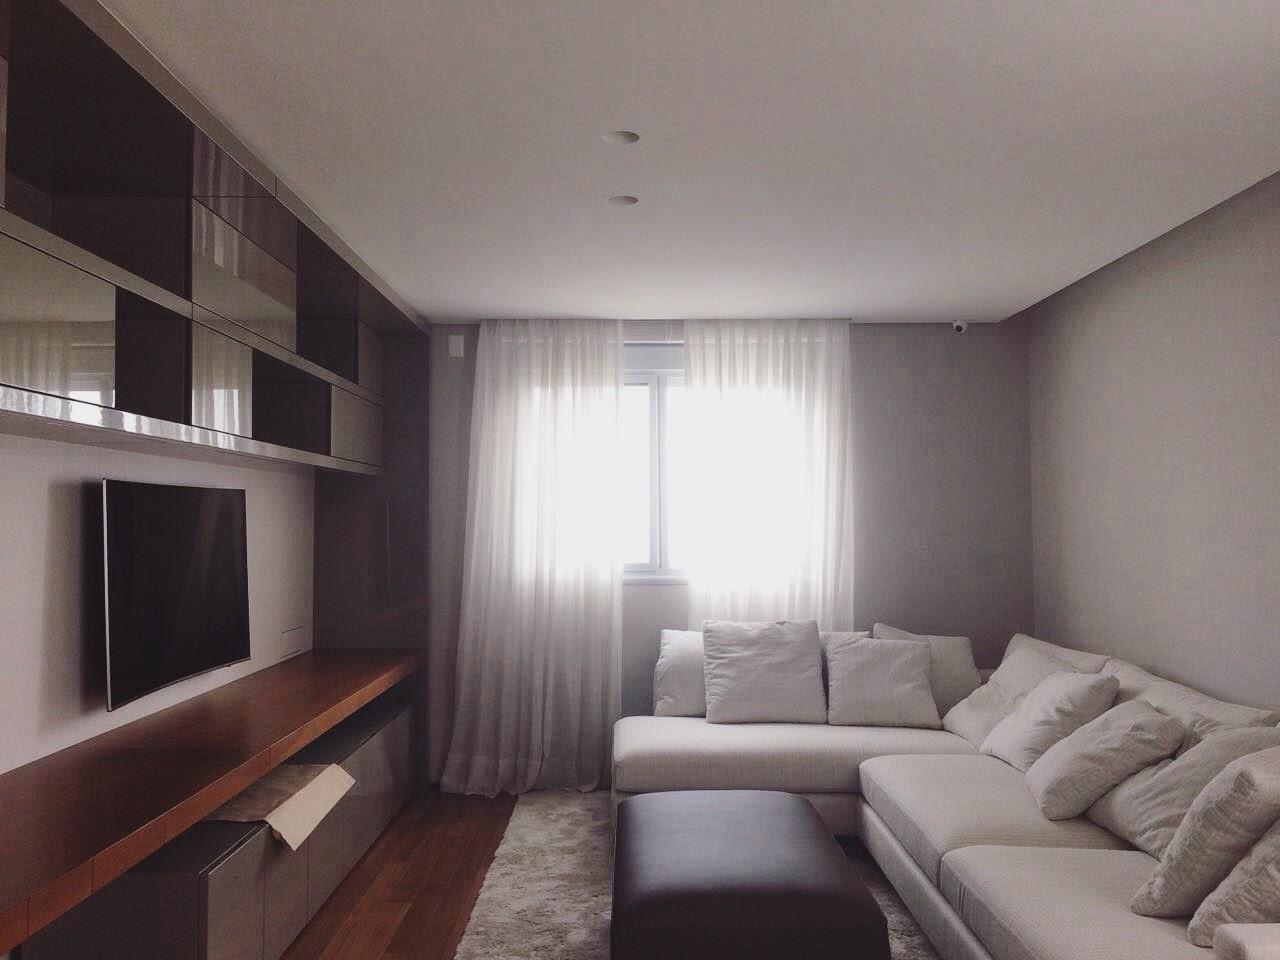 GKM Gesso - Divisórias de drywall, placa cimentícia, molduras, sancas